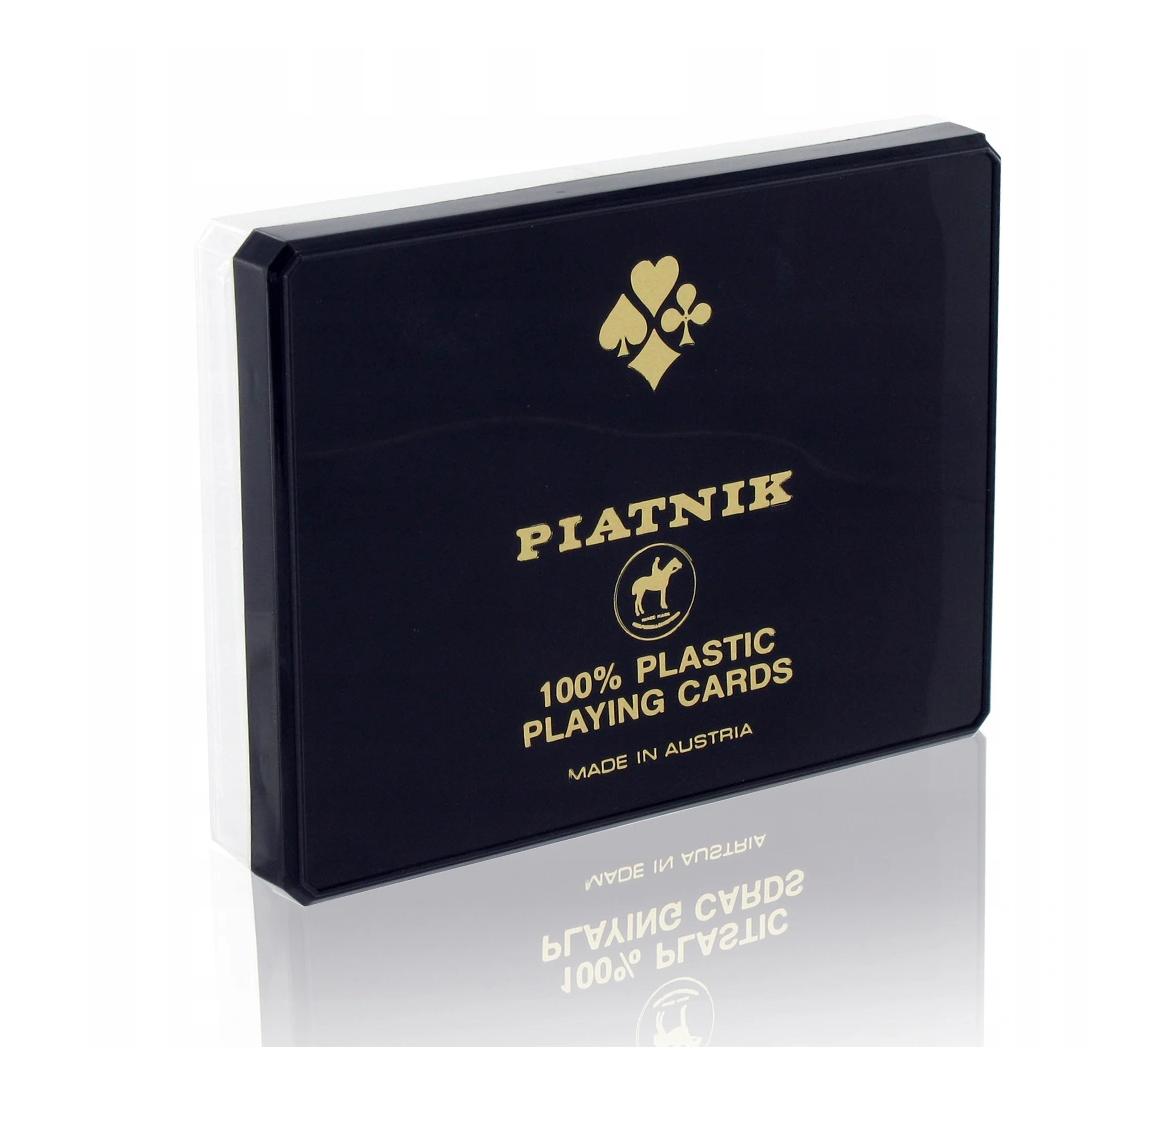 PIATNIK 100% PLASTIQUE 9001890236426 JEU JOUET CARTE 2 X 55 CARTES ADULTE BRIDGE POKER CASINO FAMILLE ENFANT DIVERTISSEMENT SOIREE COMASOUND KARTEL CSK ONLINE